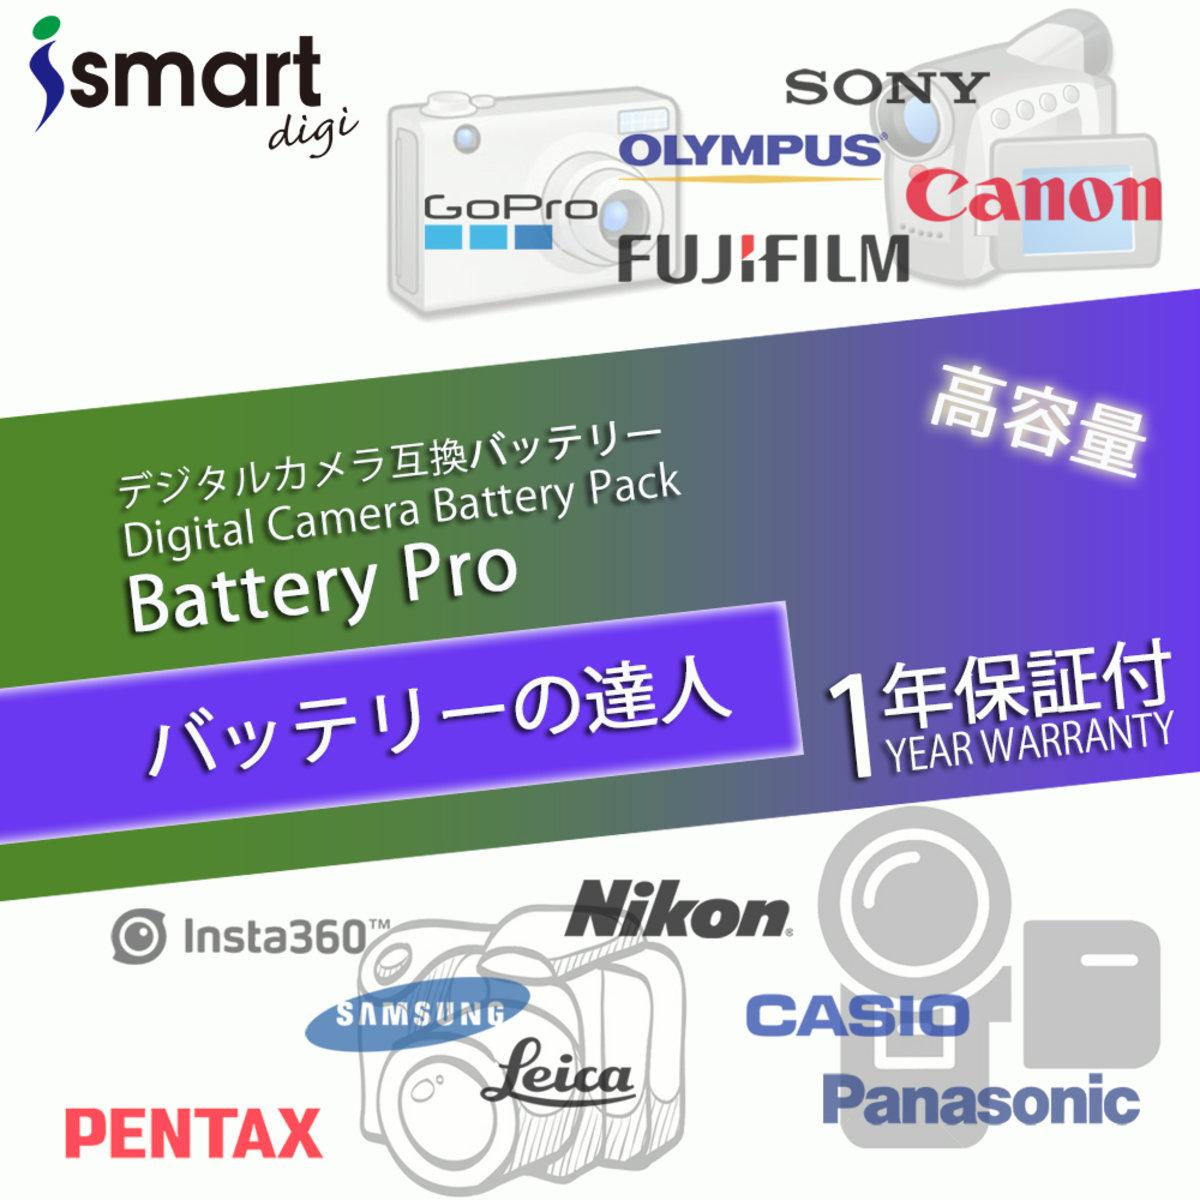 富士數碼相機電池(適合:FinePix Z70, Z71, FinePix Z707EXR, JX370, Z900EXR, Z90, Z91,XP50,Z1000EXR,JZ200,JZ100,JZ550)